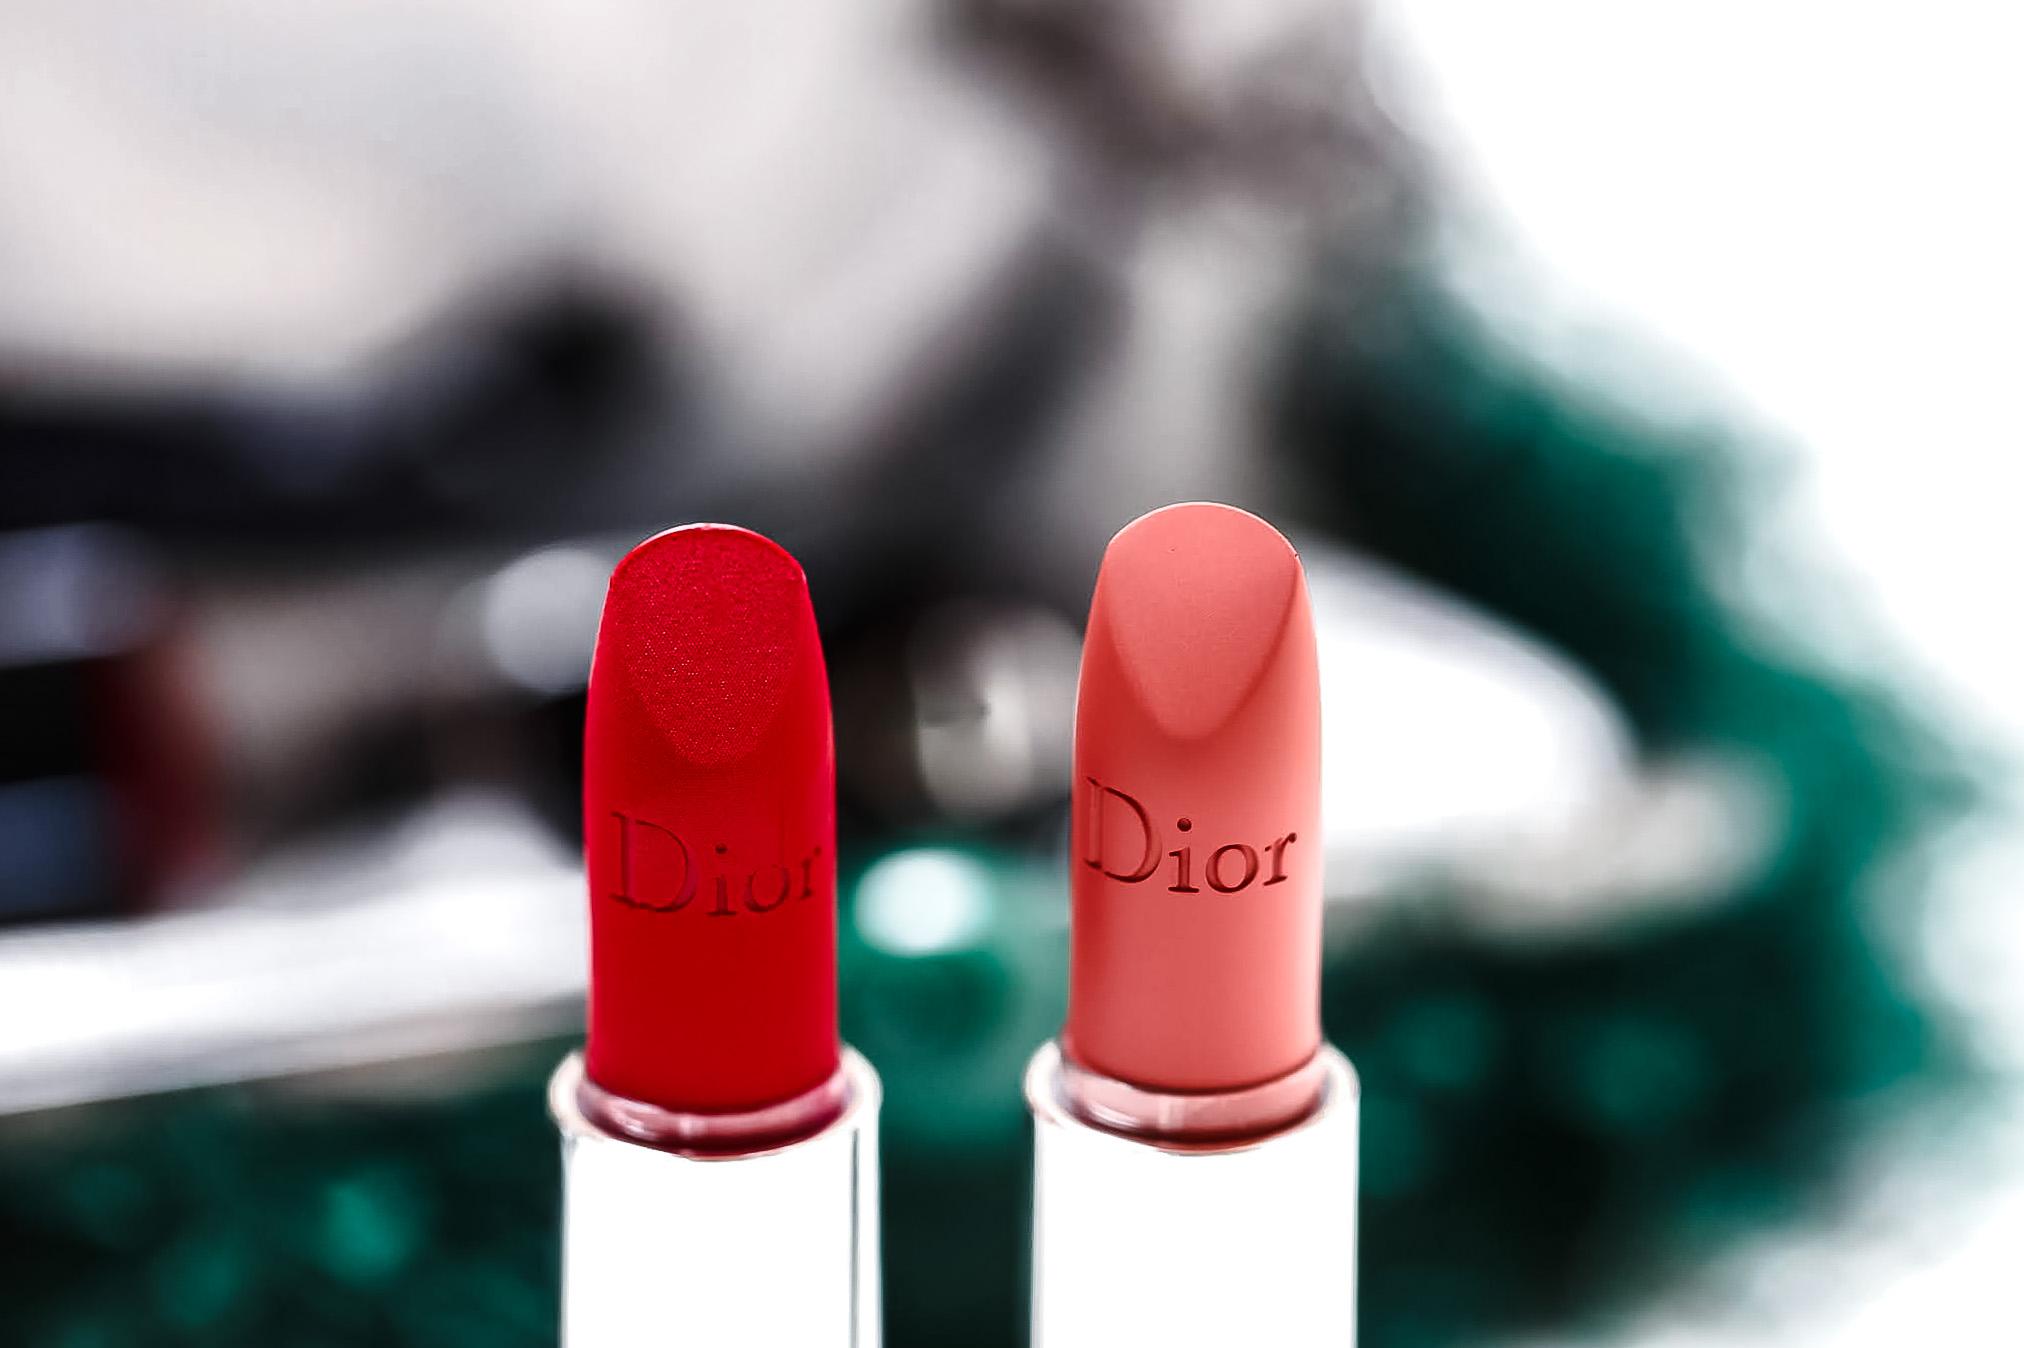 Rouge Dior Velvet et Mat comparaison swatch